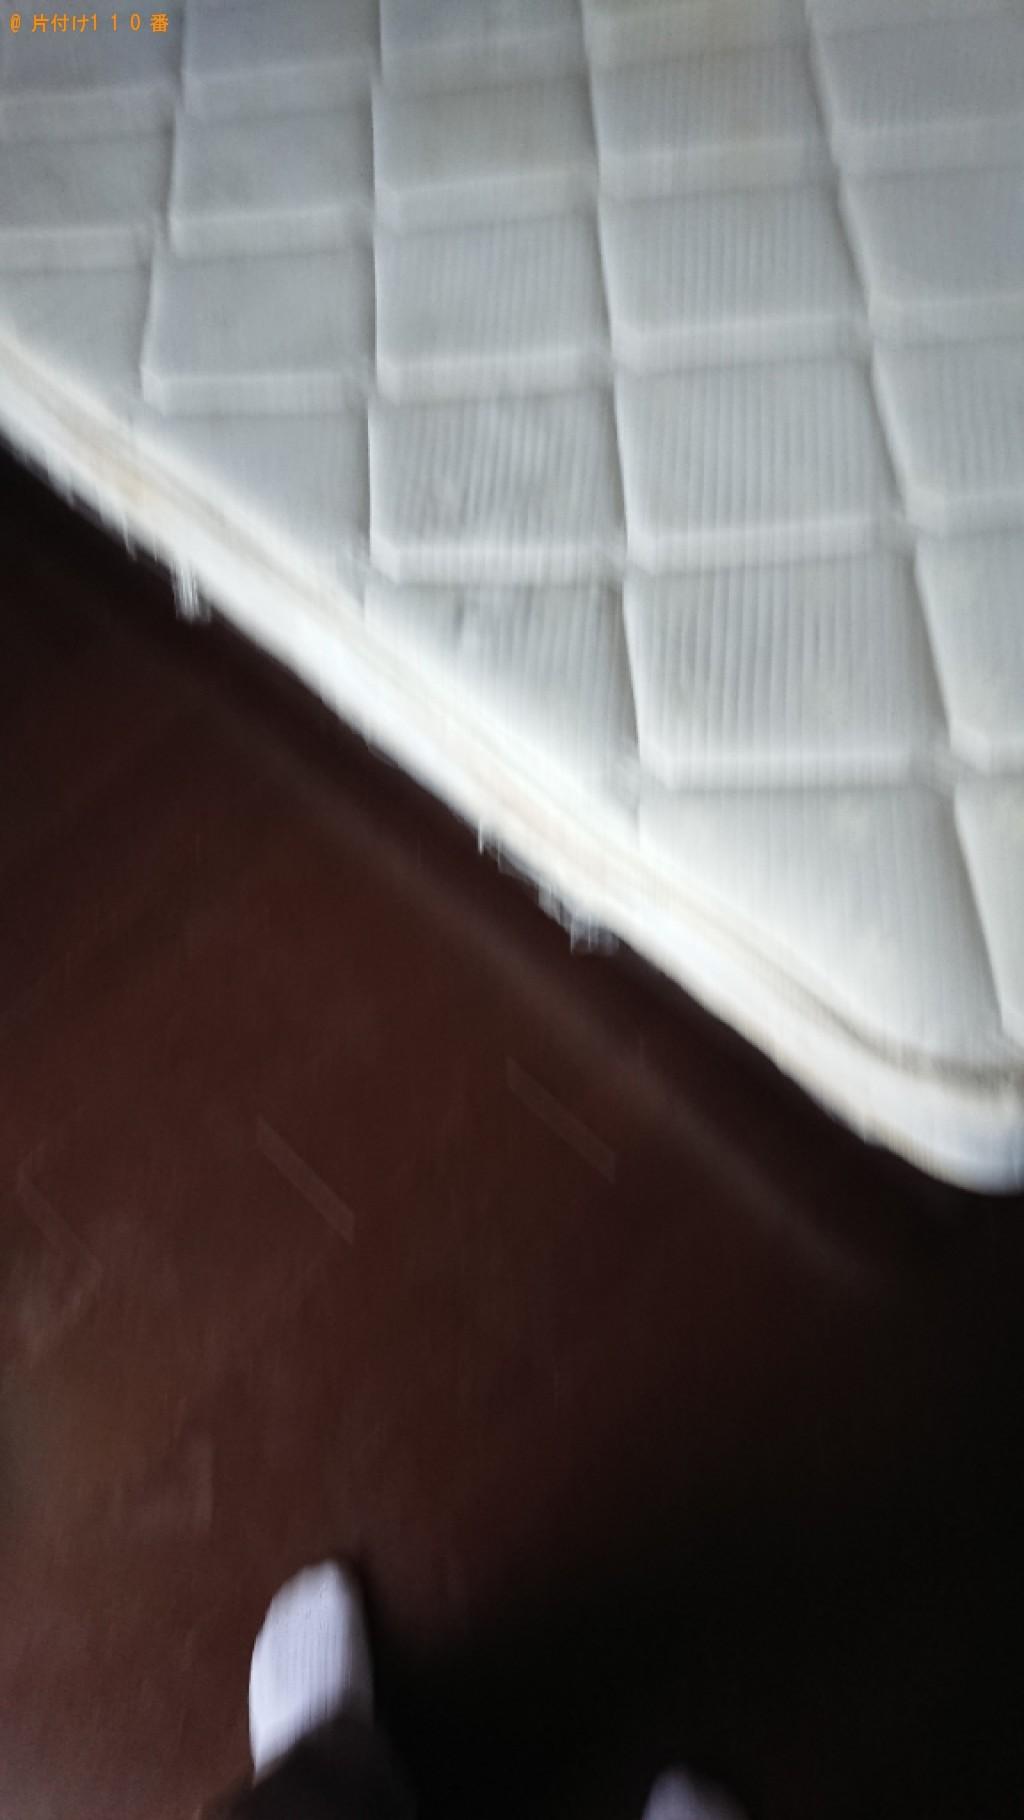 【大津市】セミダブルベッド、ベッドマットレスの回収・処分ご依頼